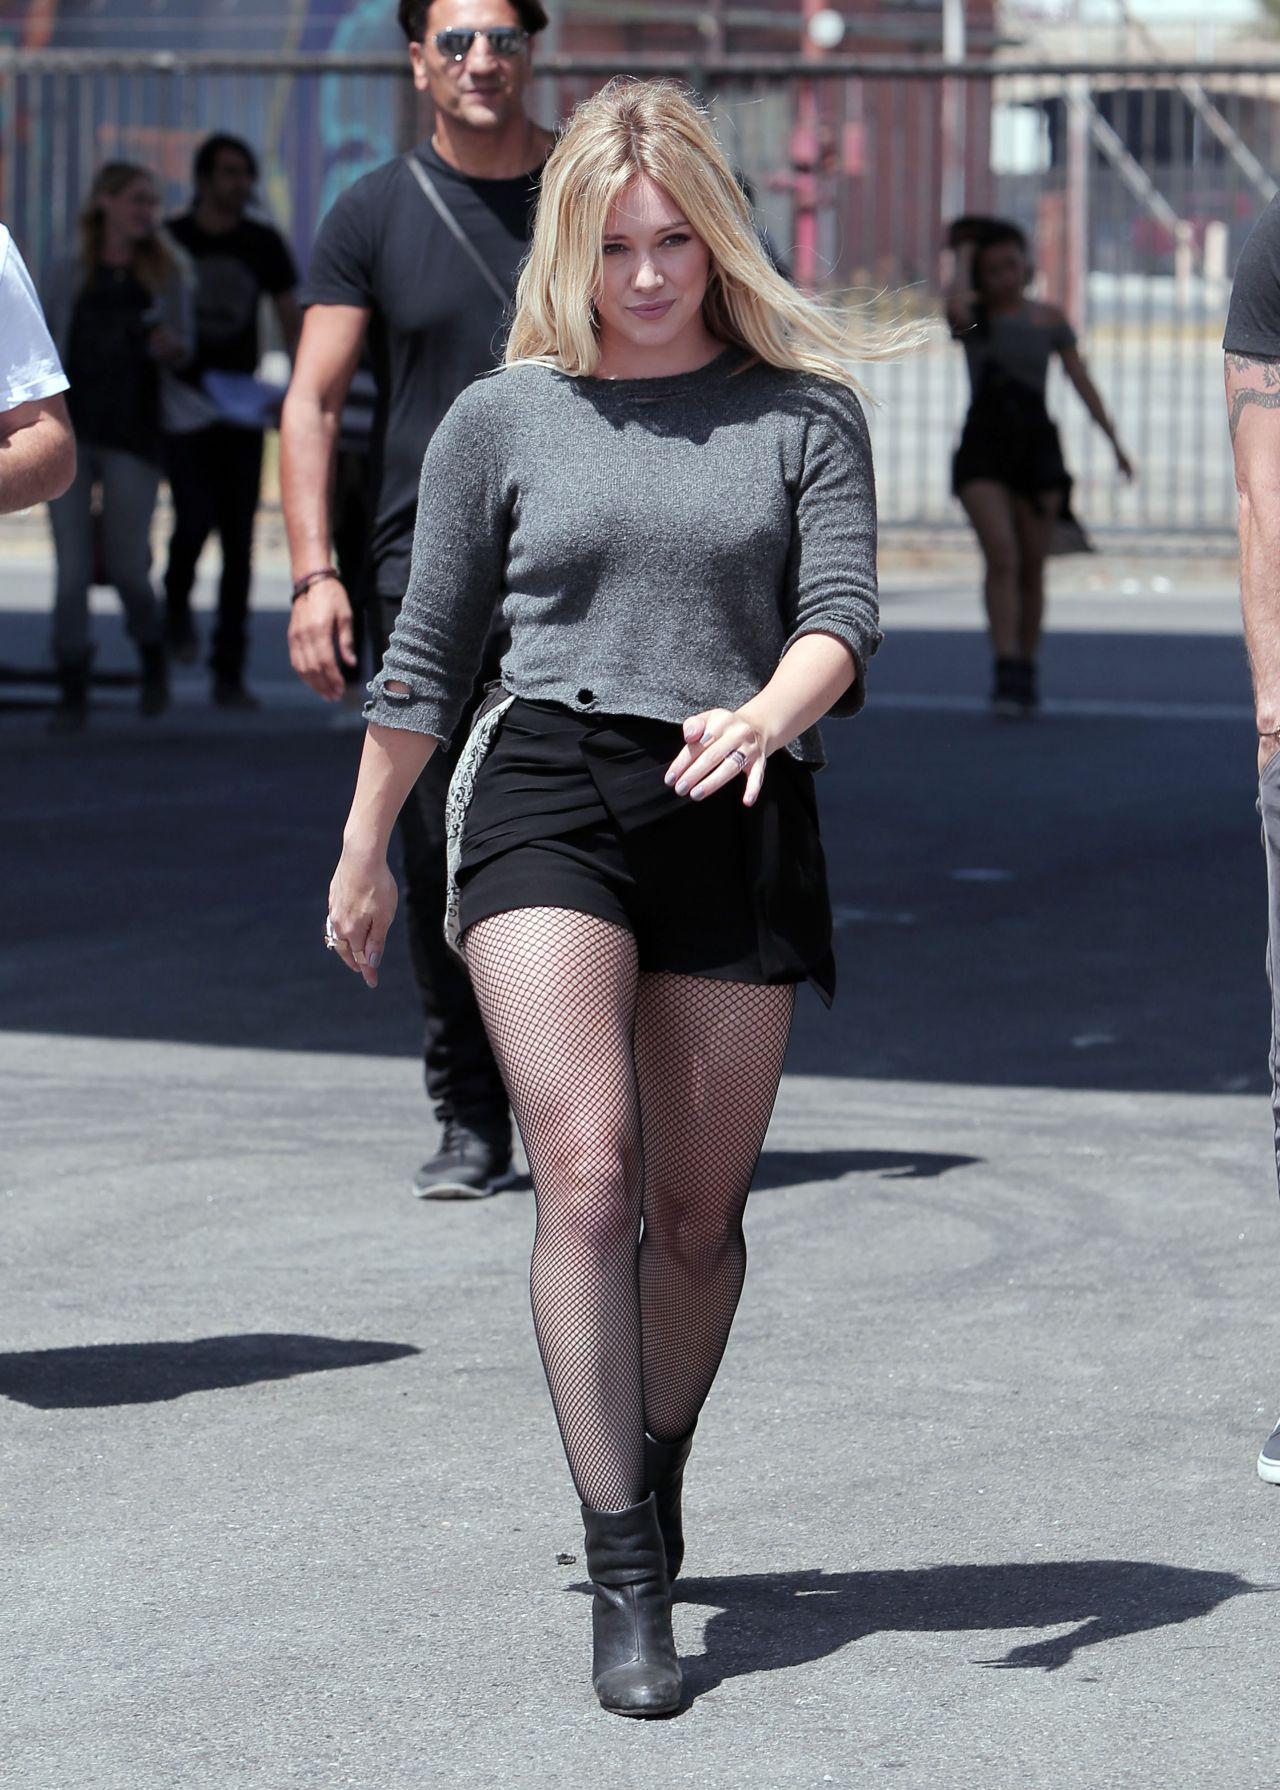 Fullsize Of Hilary Duff Legs